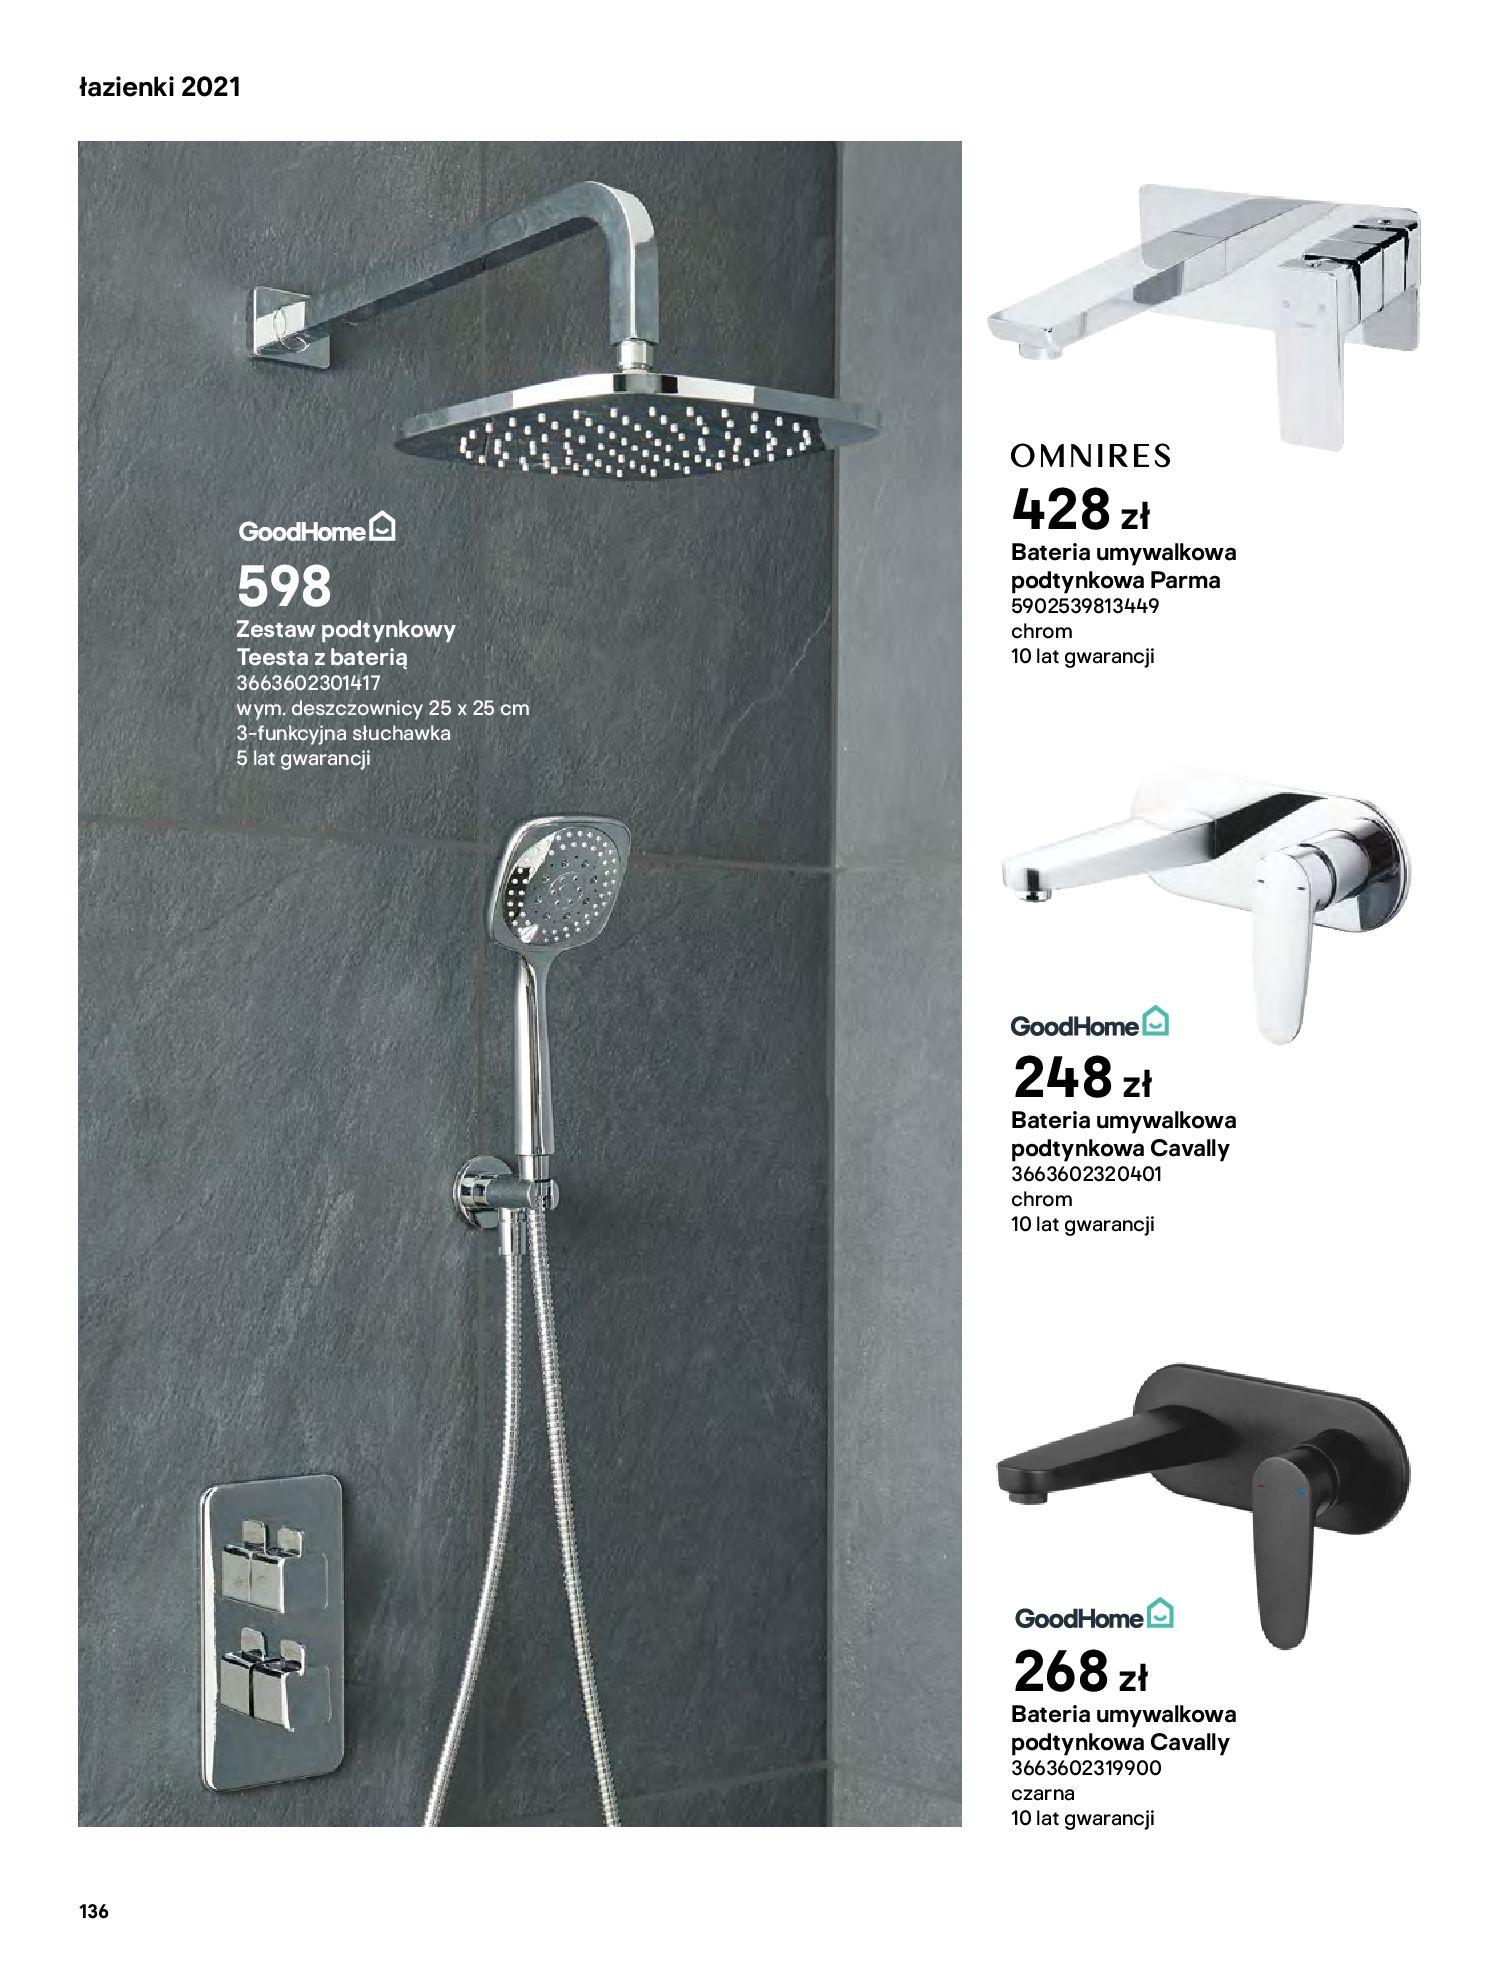 Gazetka Castorama: Gazetka Castorama - katalog łazienki 2021 2021-06-16 page-136